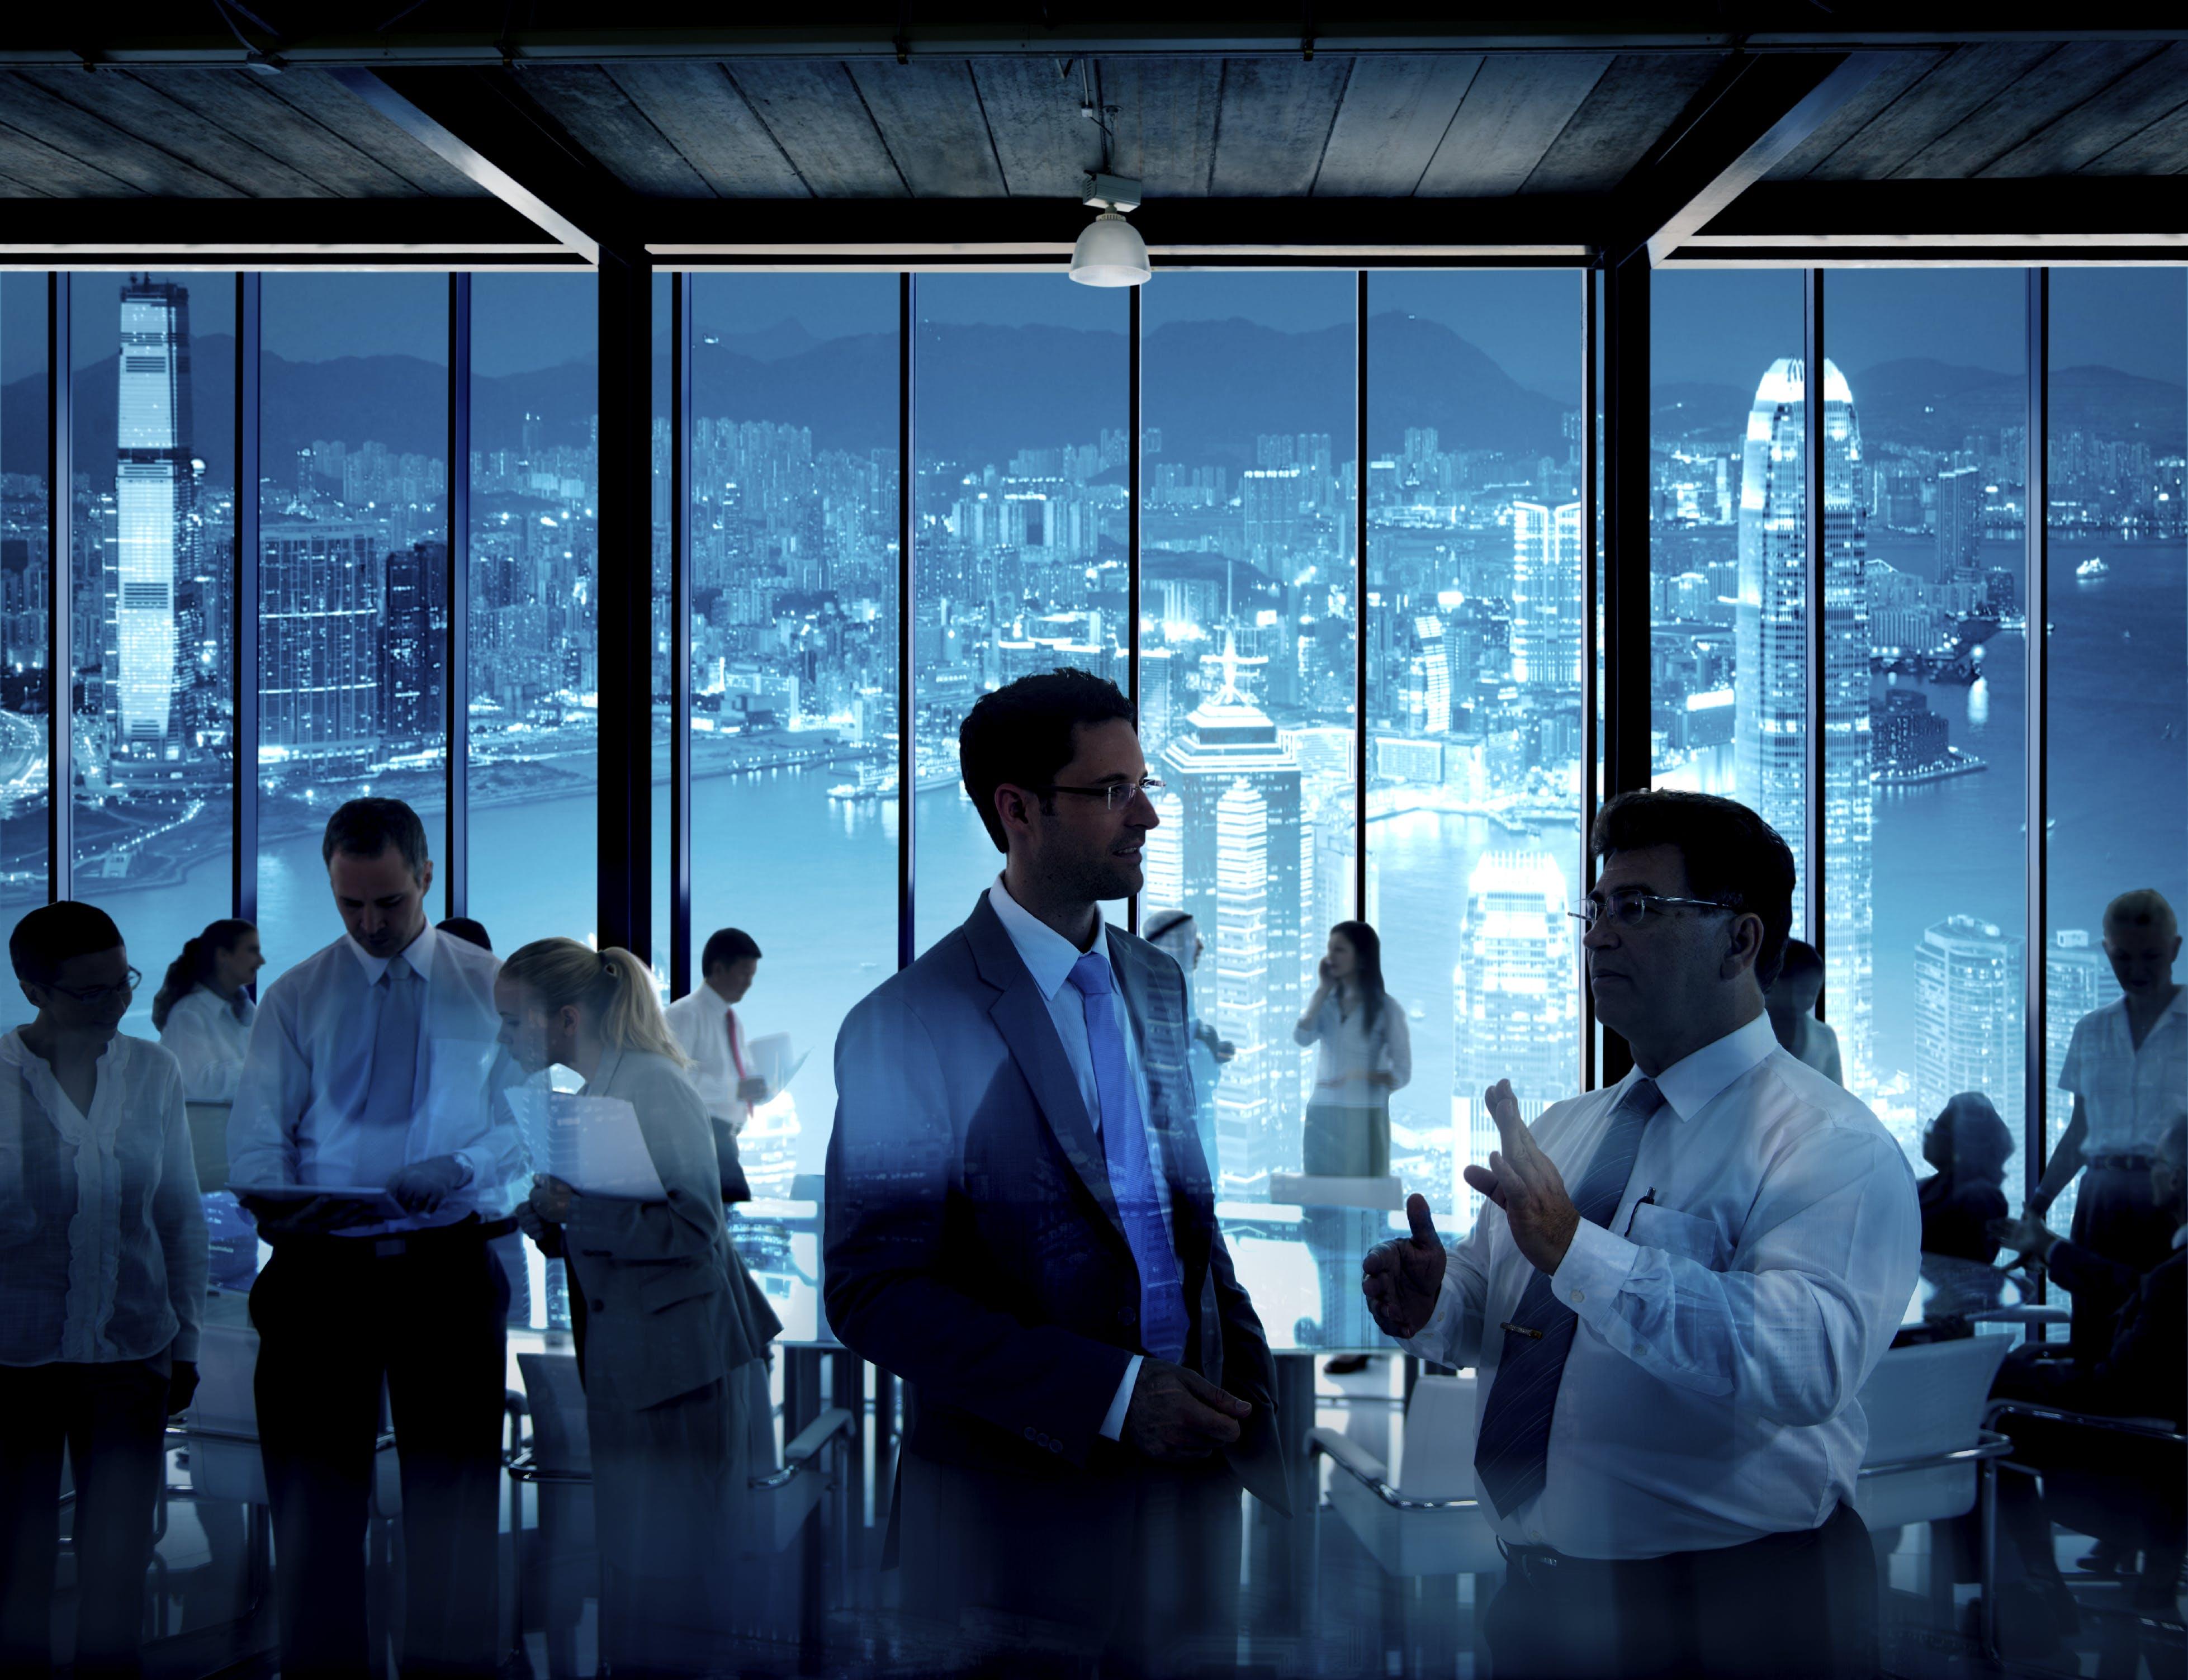 Richtig Netzwerken: Tipps und Tricks für die berufliche Kontaktpflege